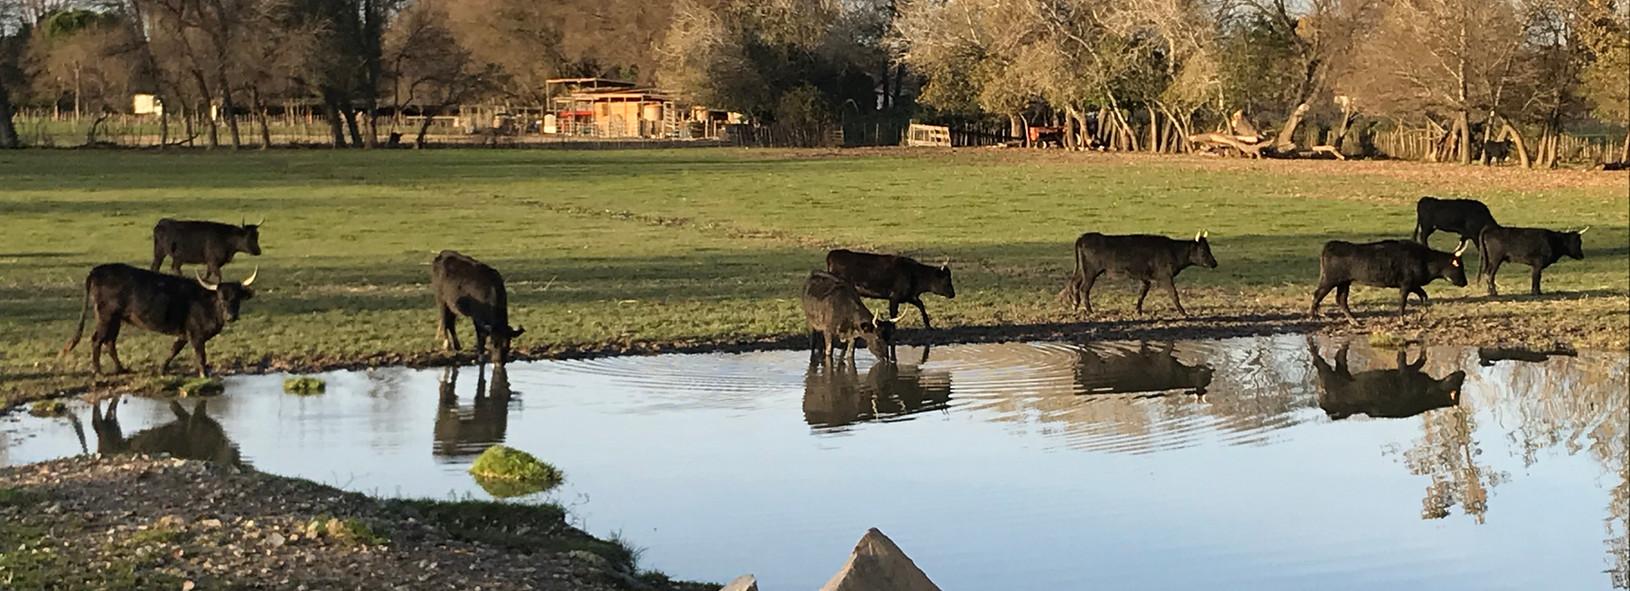 Vaches dans l'eau